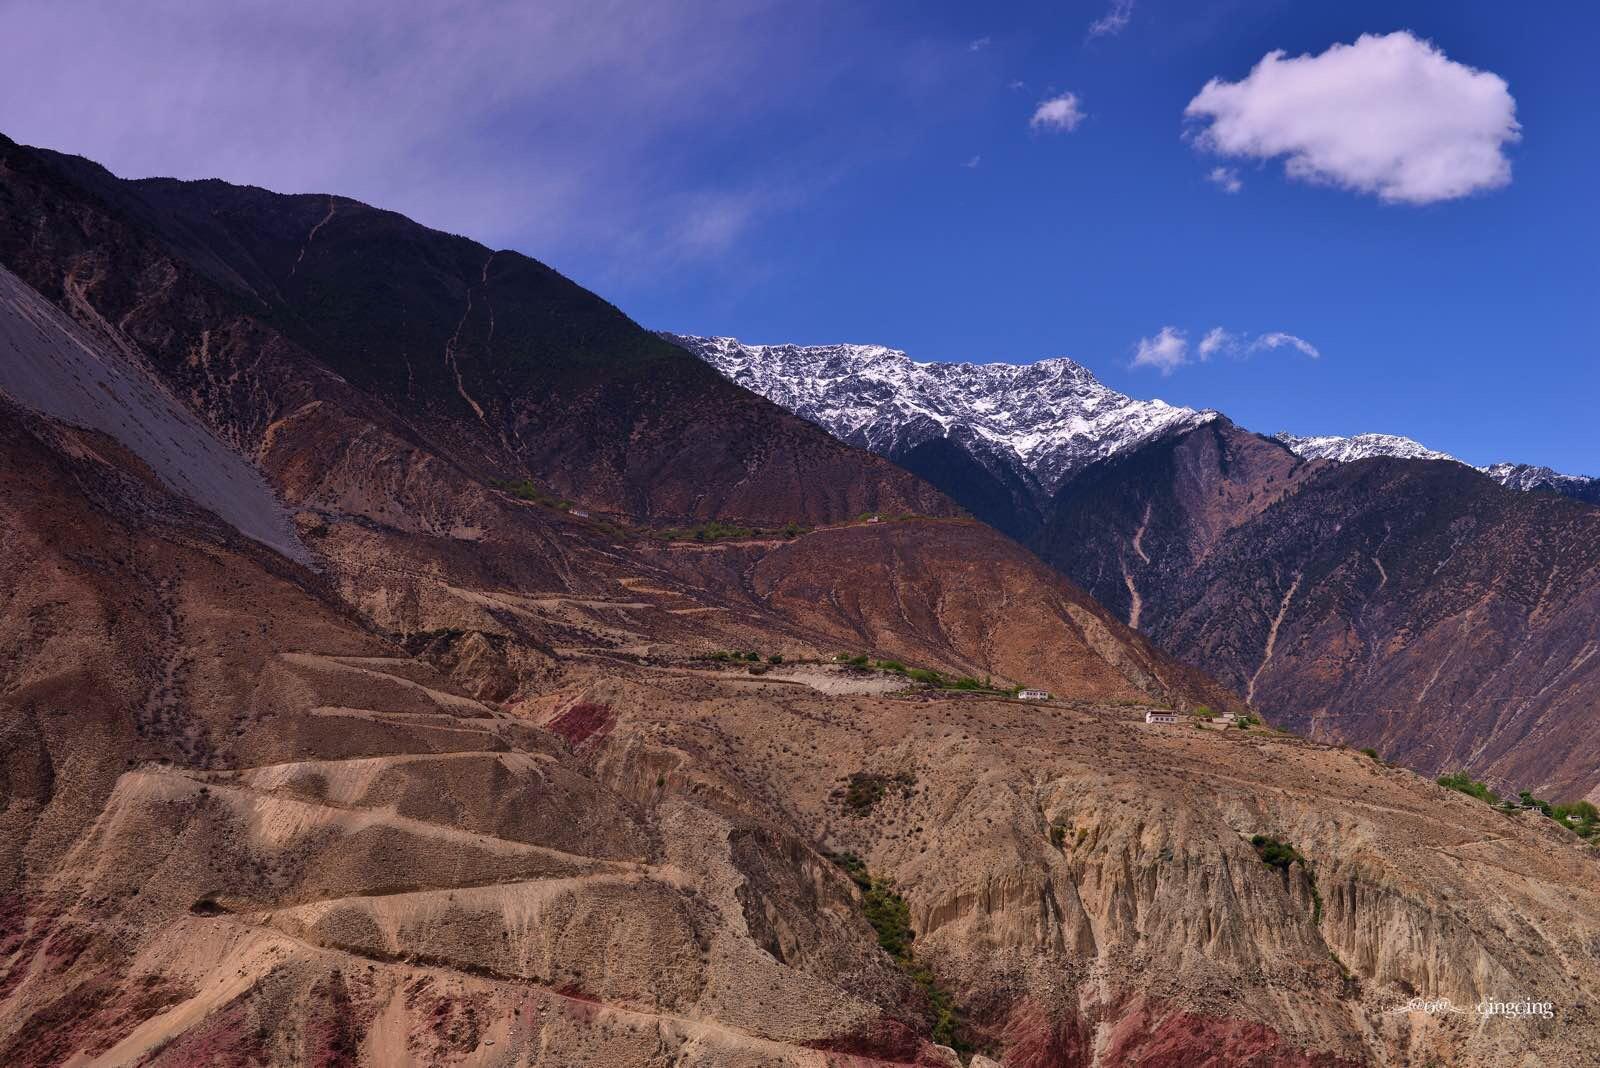 盐井历史上是吐蕃通往南诏的要道,也是滇茶运往西藏的必经之路.